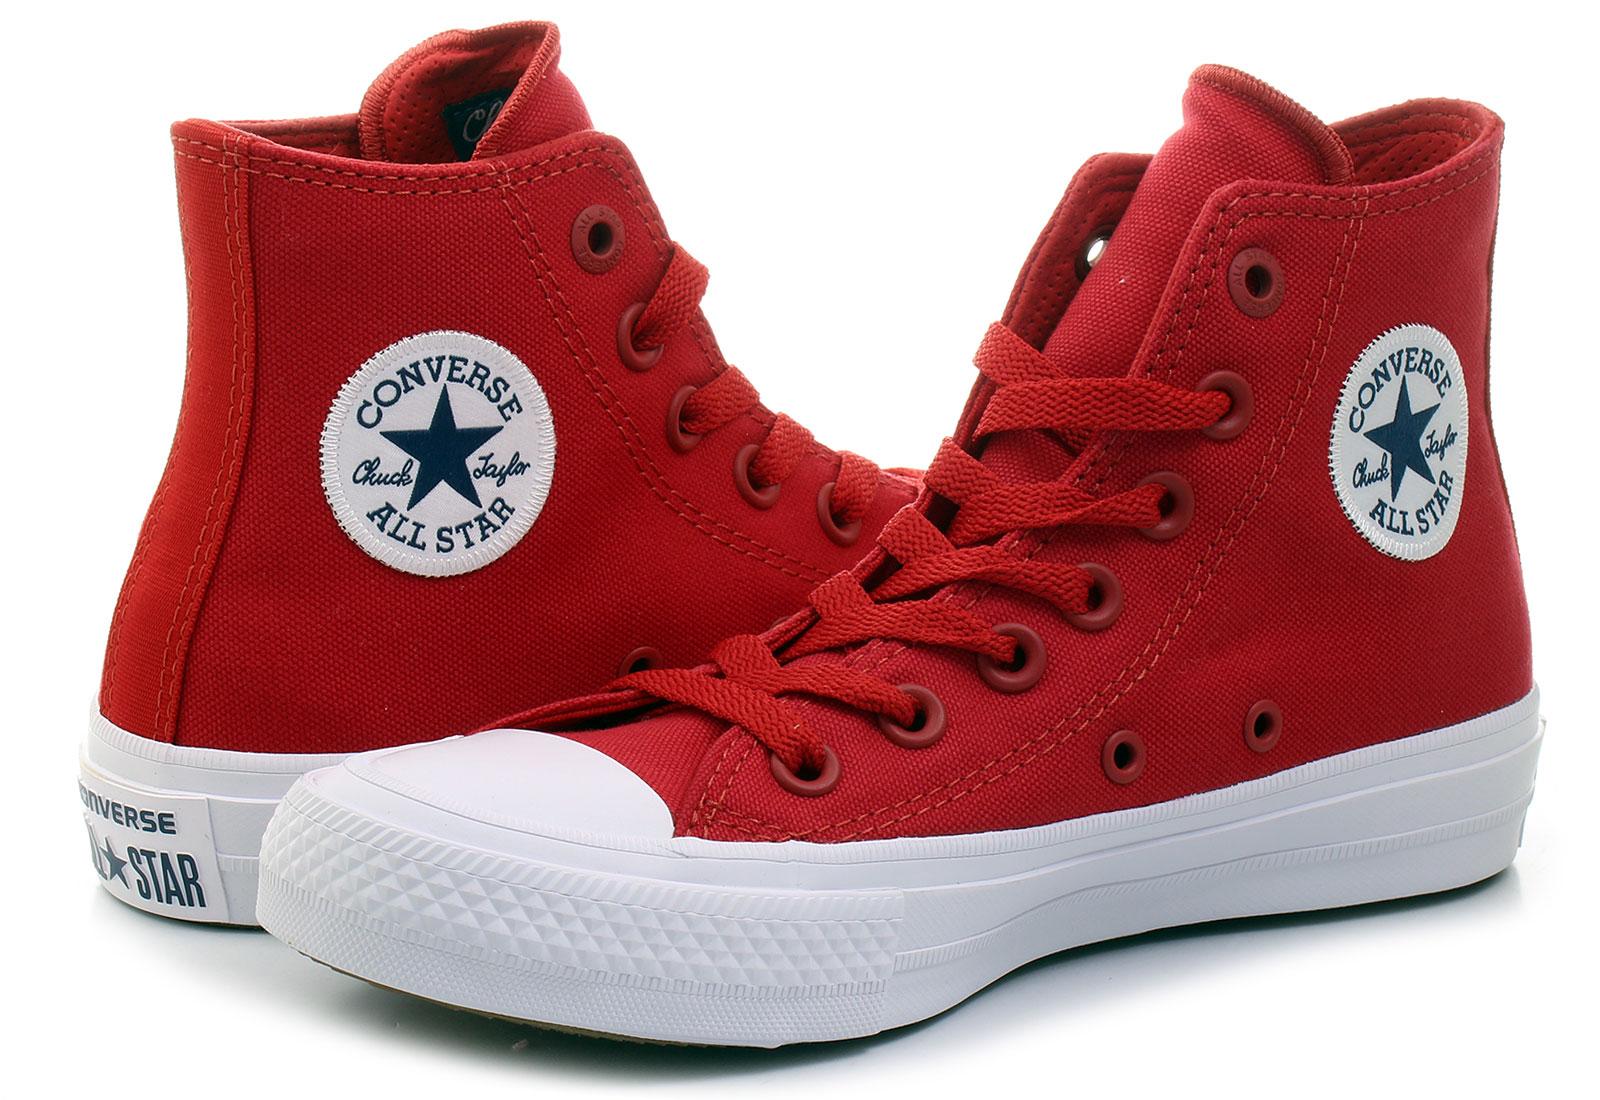 a8a00a4f3 Converse Tenisky - Chuck Taylor All Star_II Hi - 150145C - Tenisky,  Topánky, Čižmy, Mokasíny, Sandále